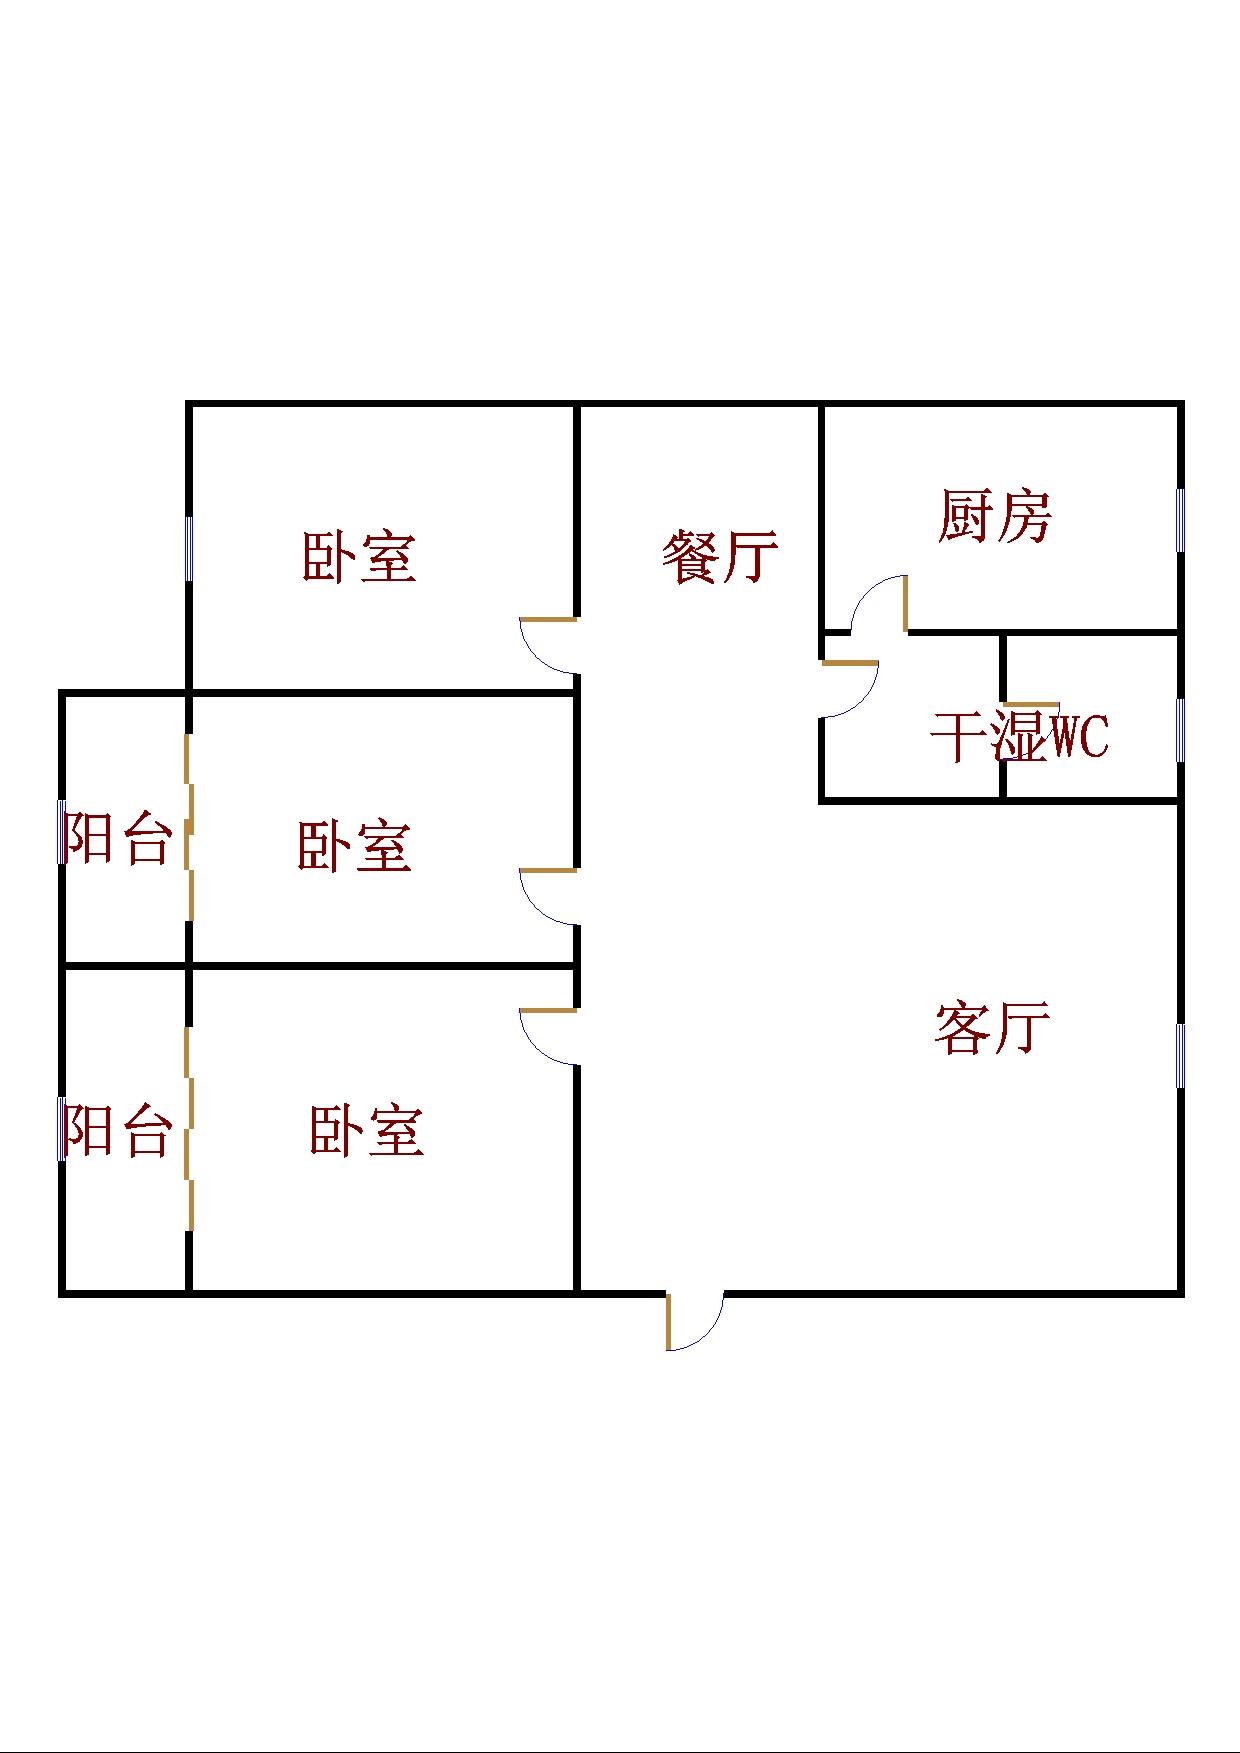 乾城尊府 3室2厅  简装 112万